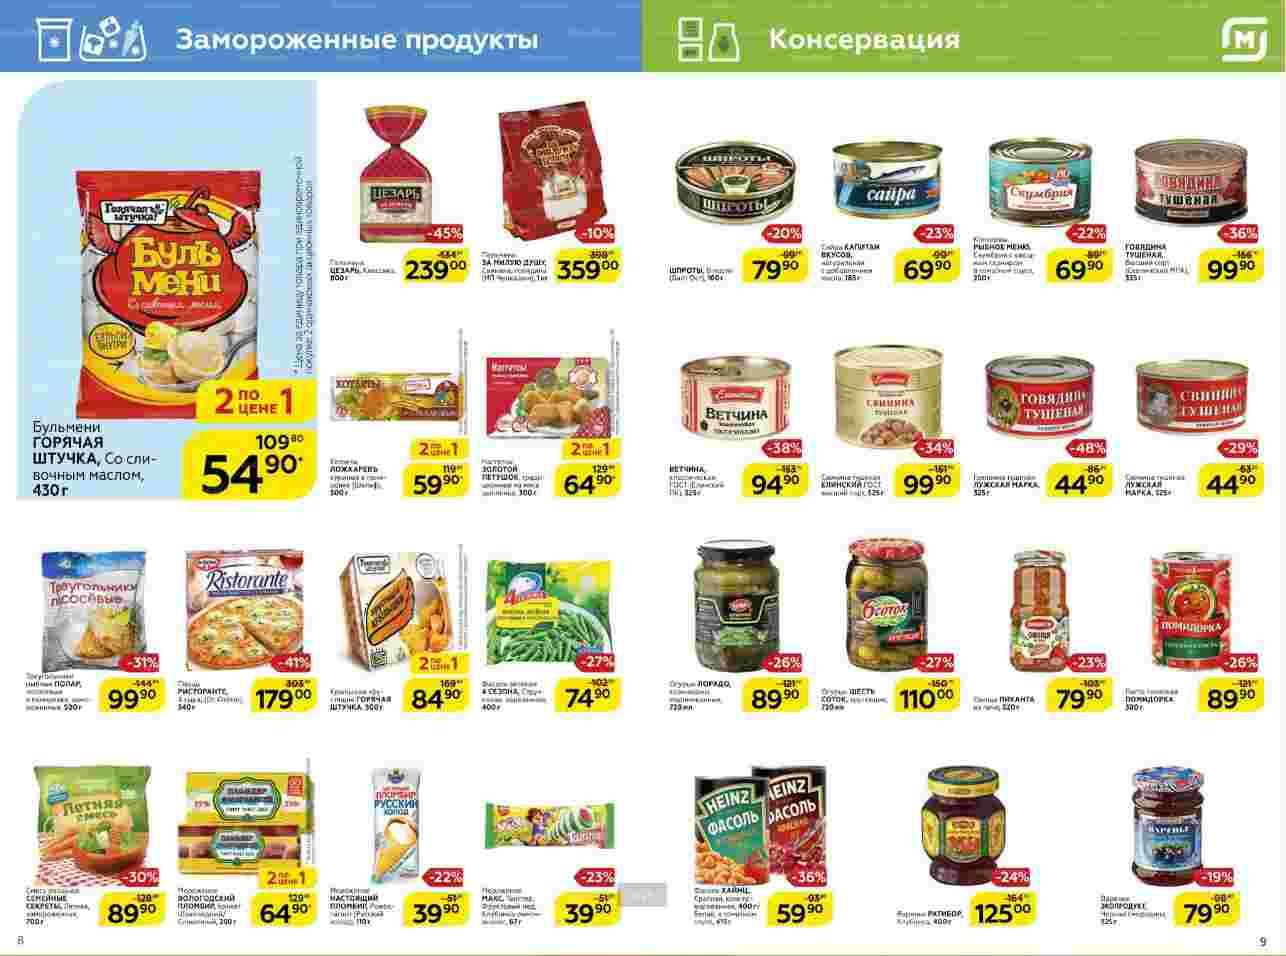 Еженедельный каталог магазин МАГНИТ 15-21.05.2019 стр.5